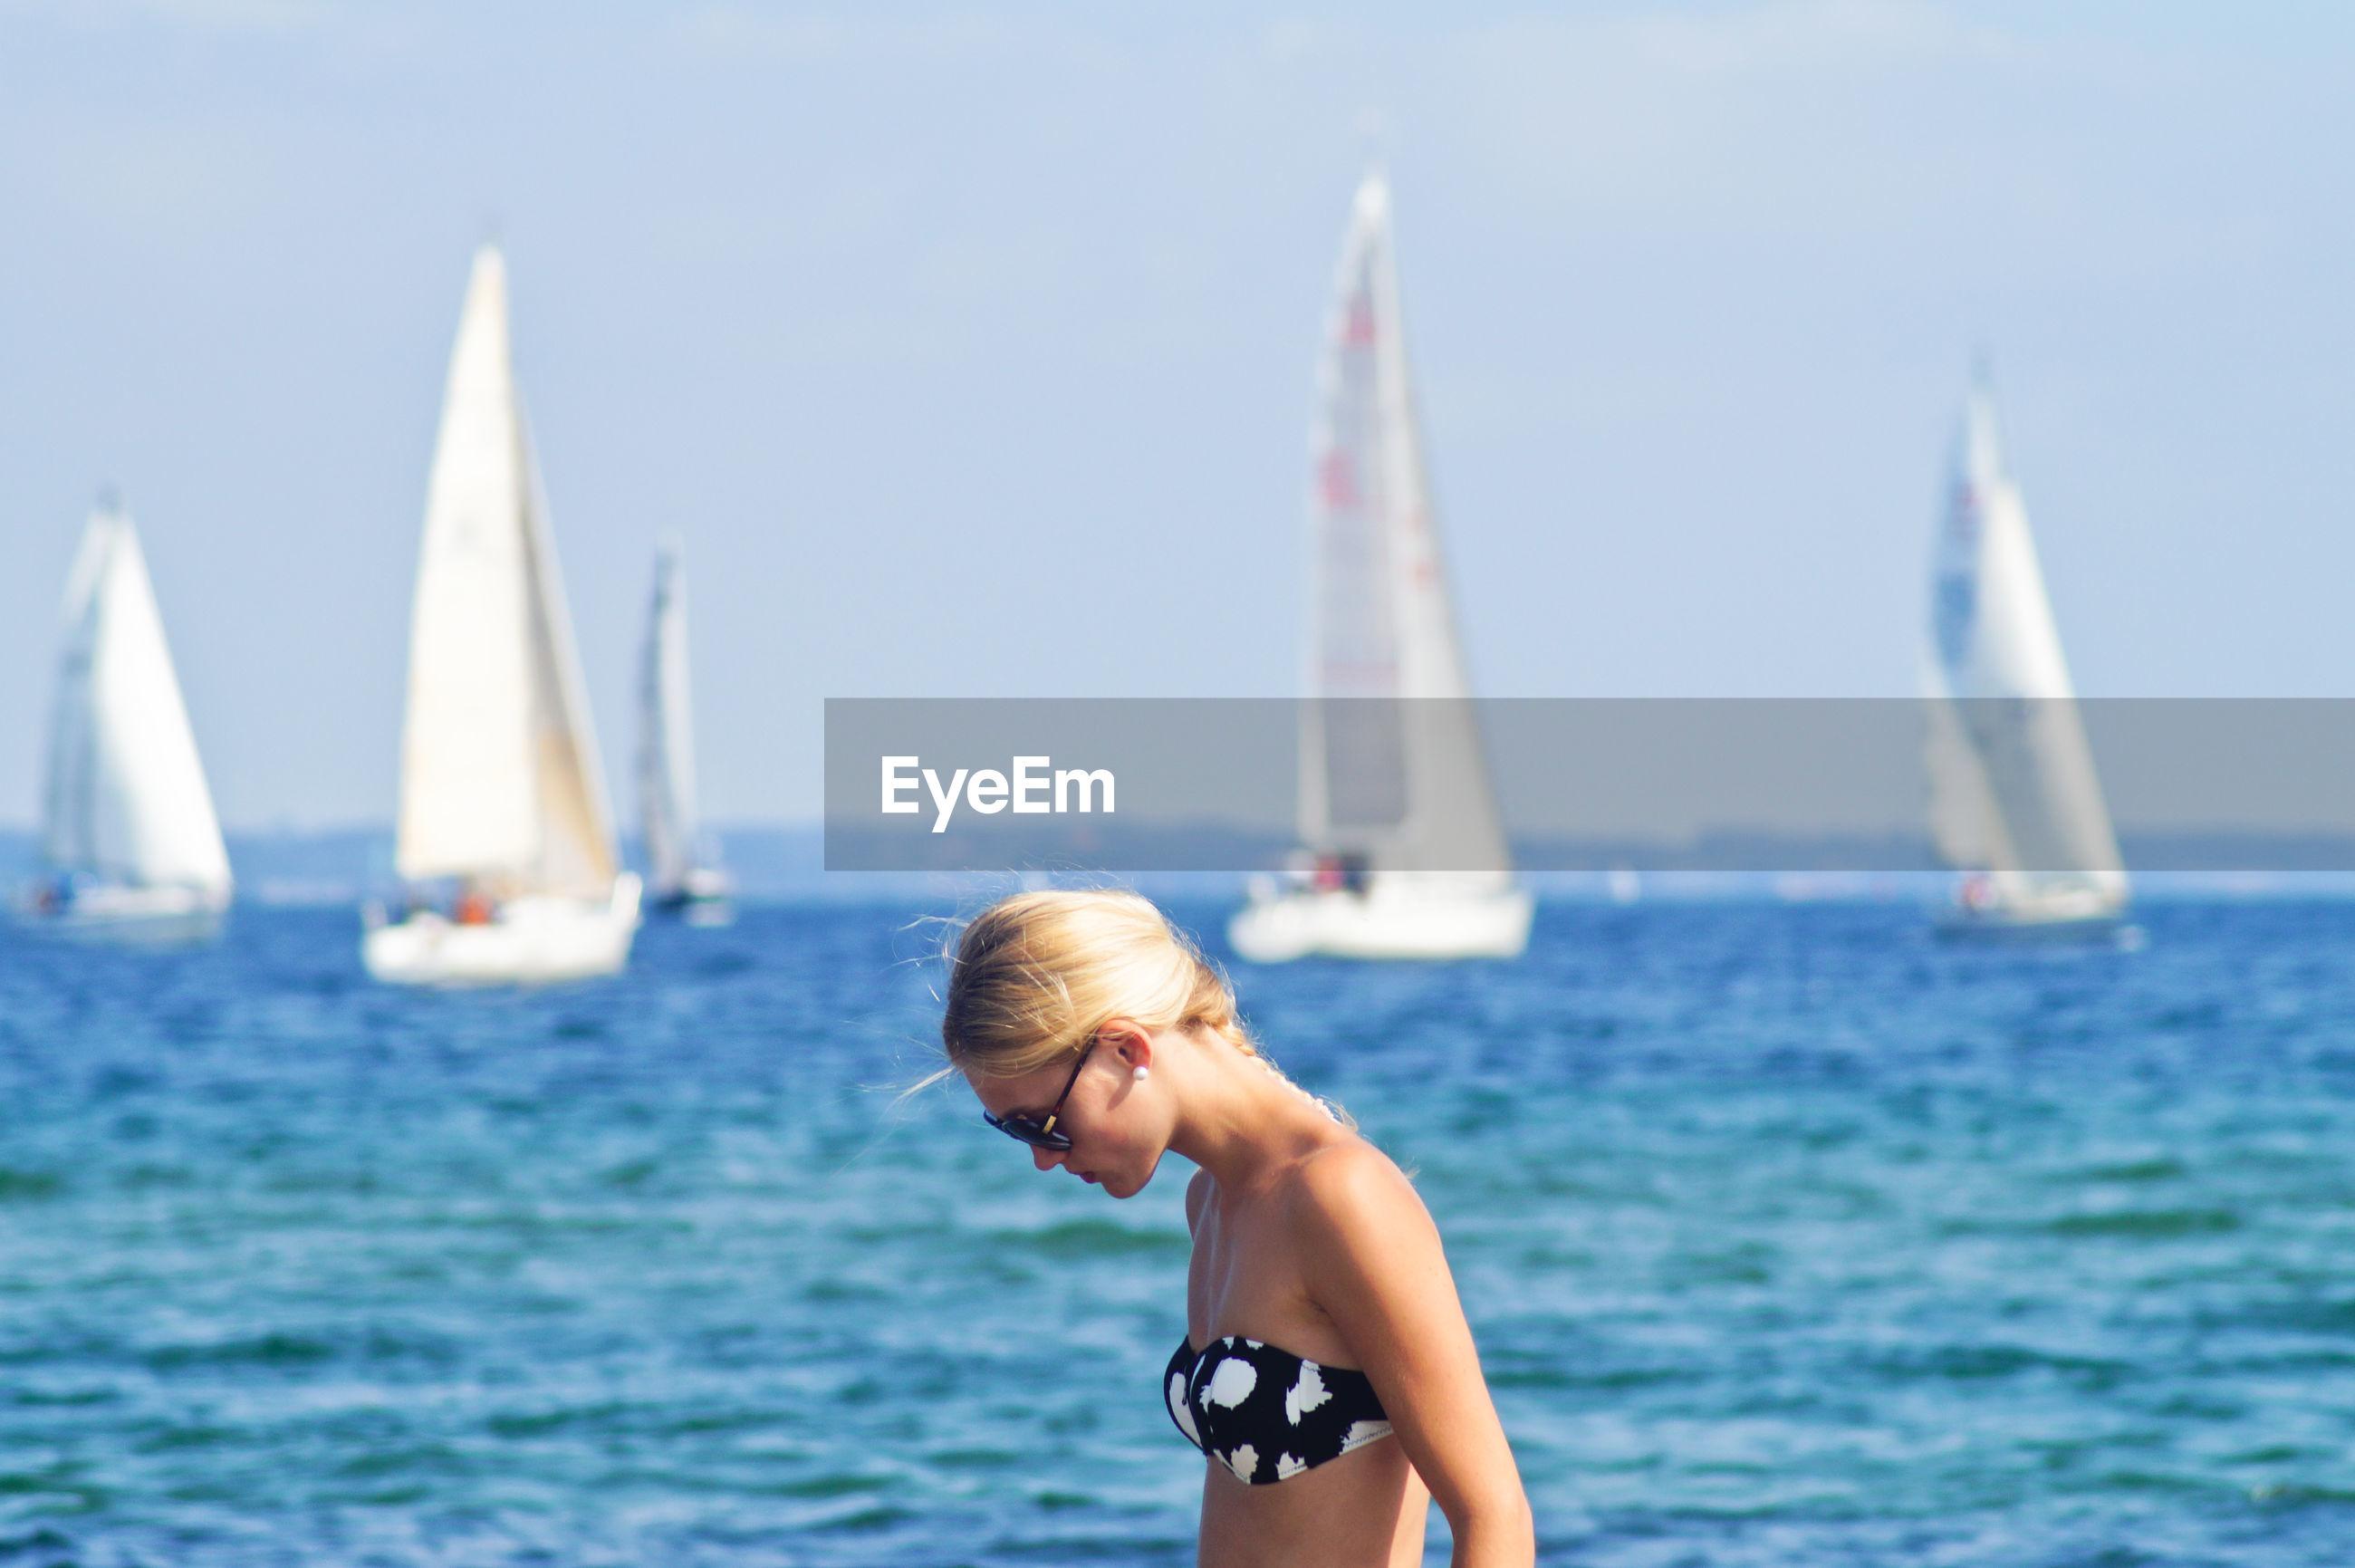 Woman Wearing Bikini Top Against Sea